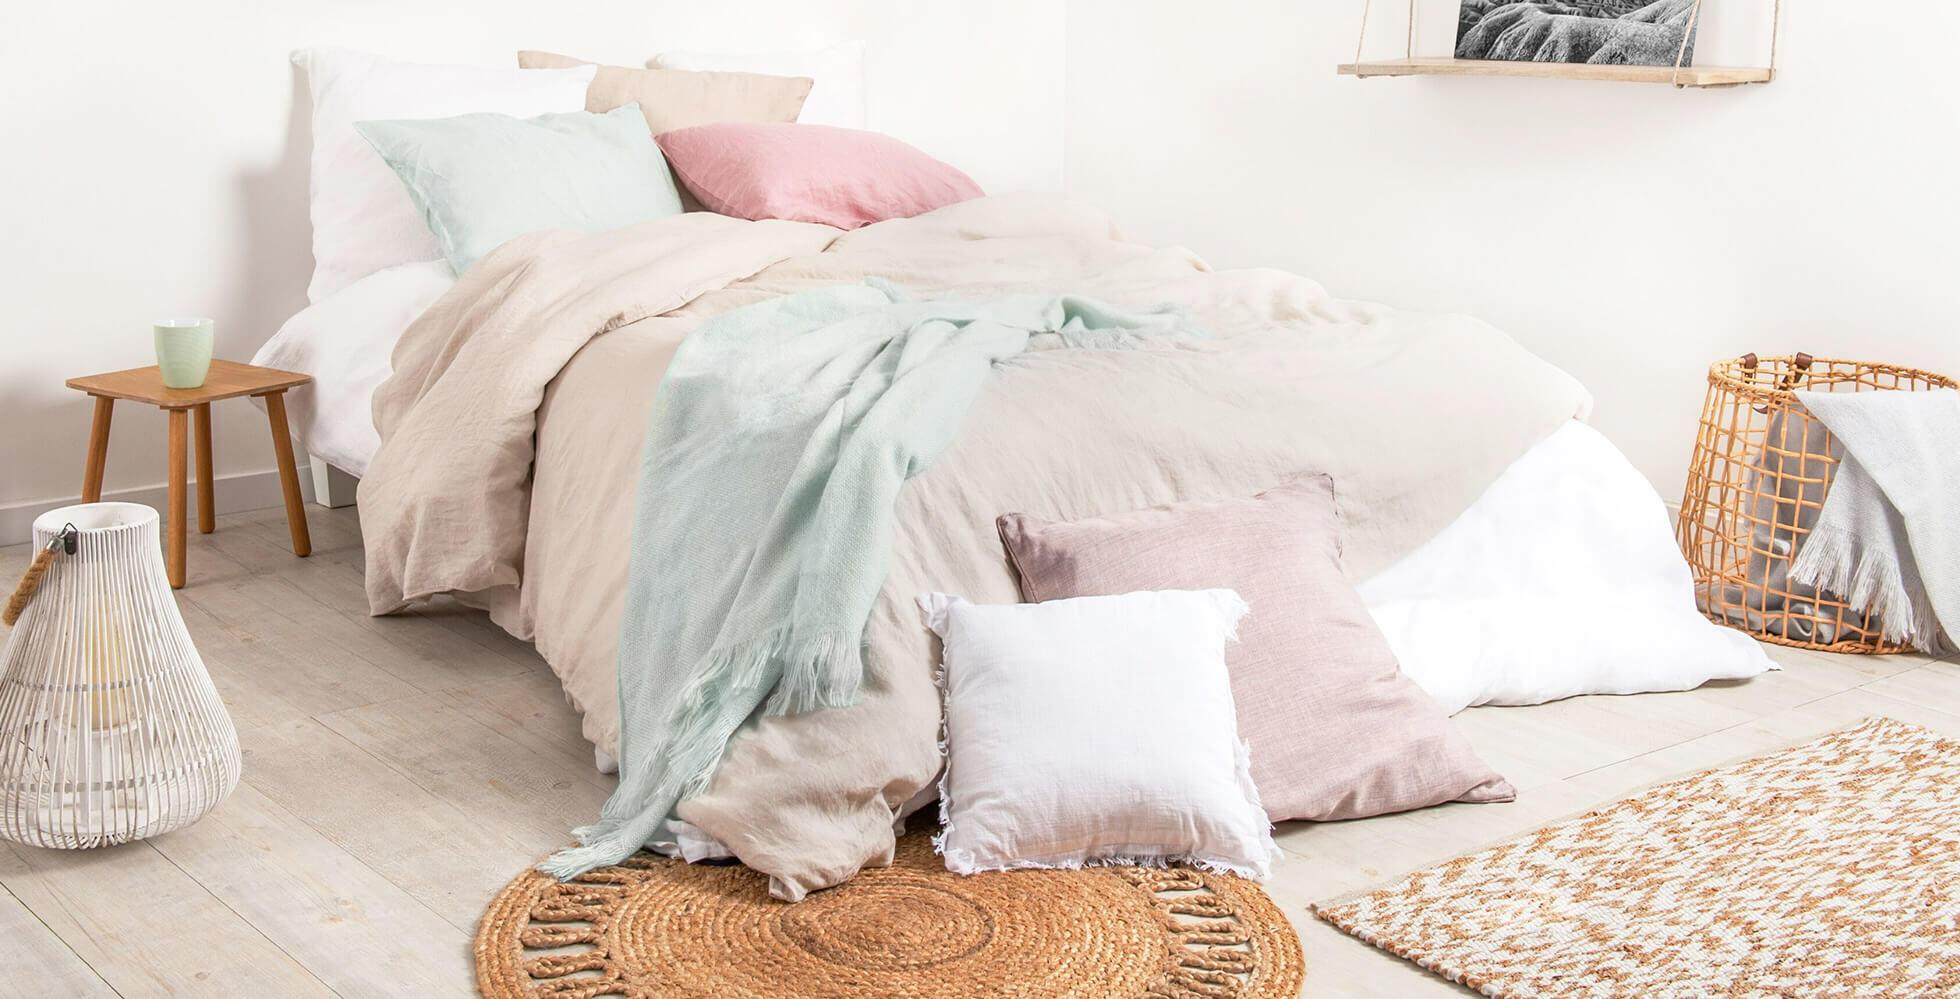 décoration de chambre avec linge de lit en lin